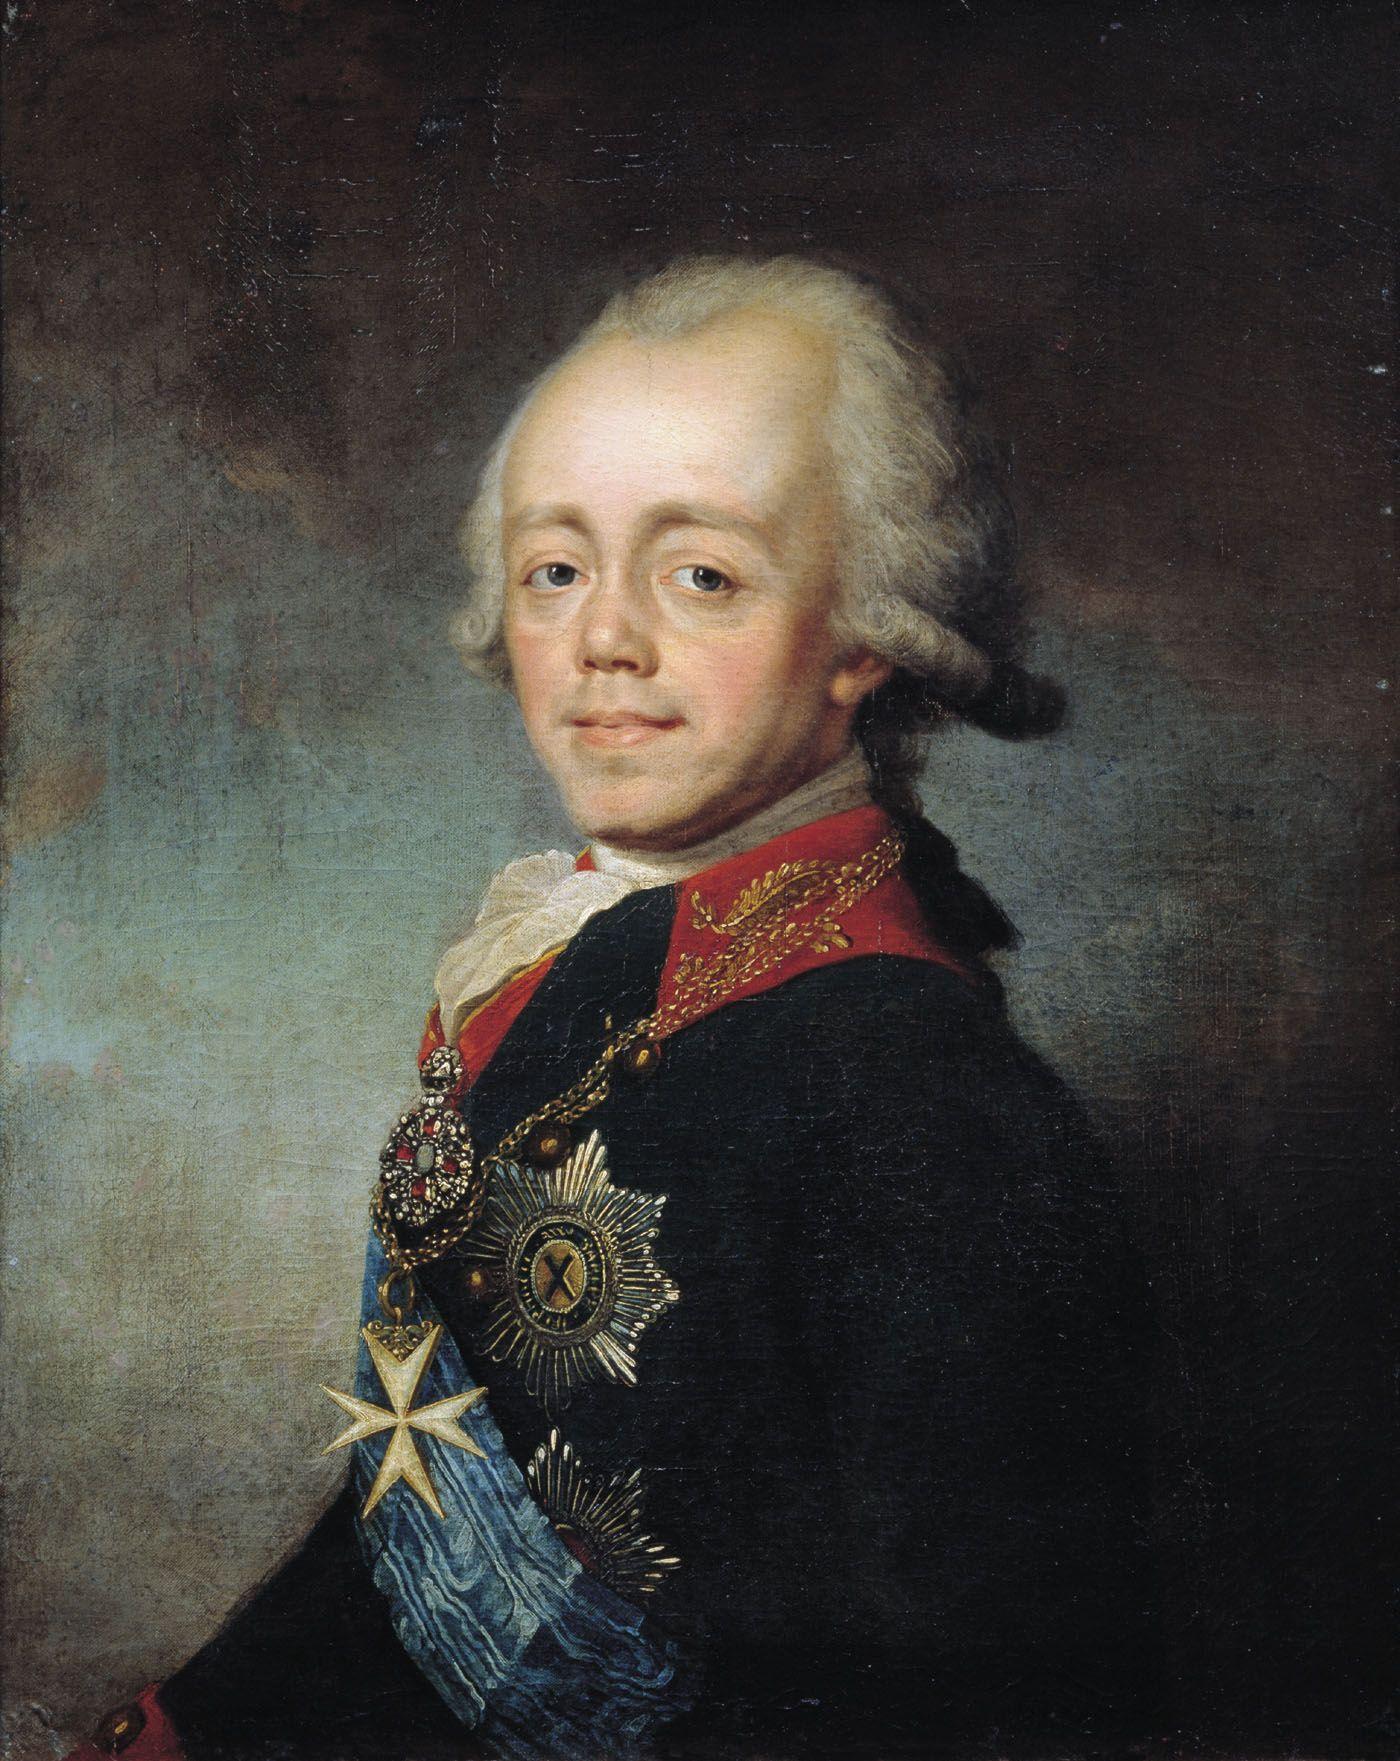 Portret Pawła I Romanowa autorstwa Stepana Szczukina.